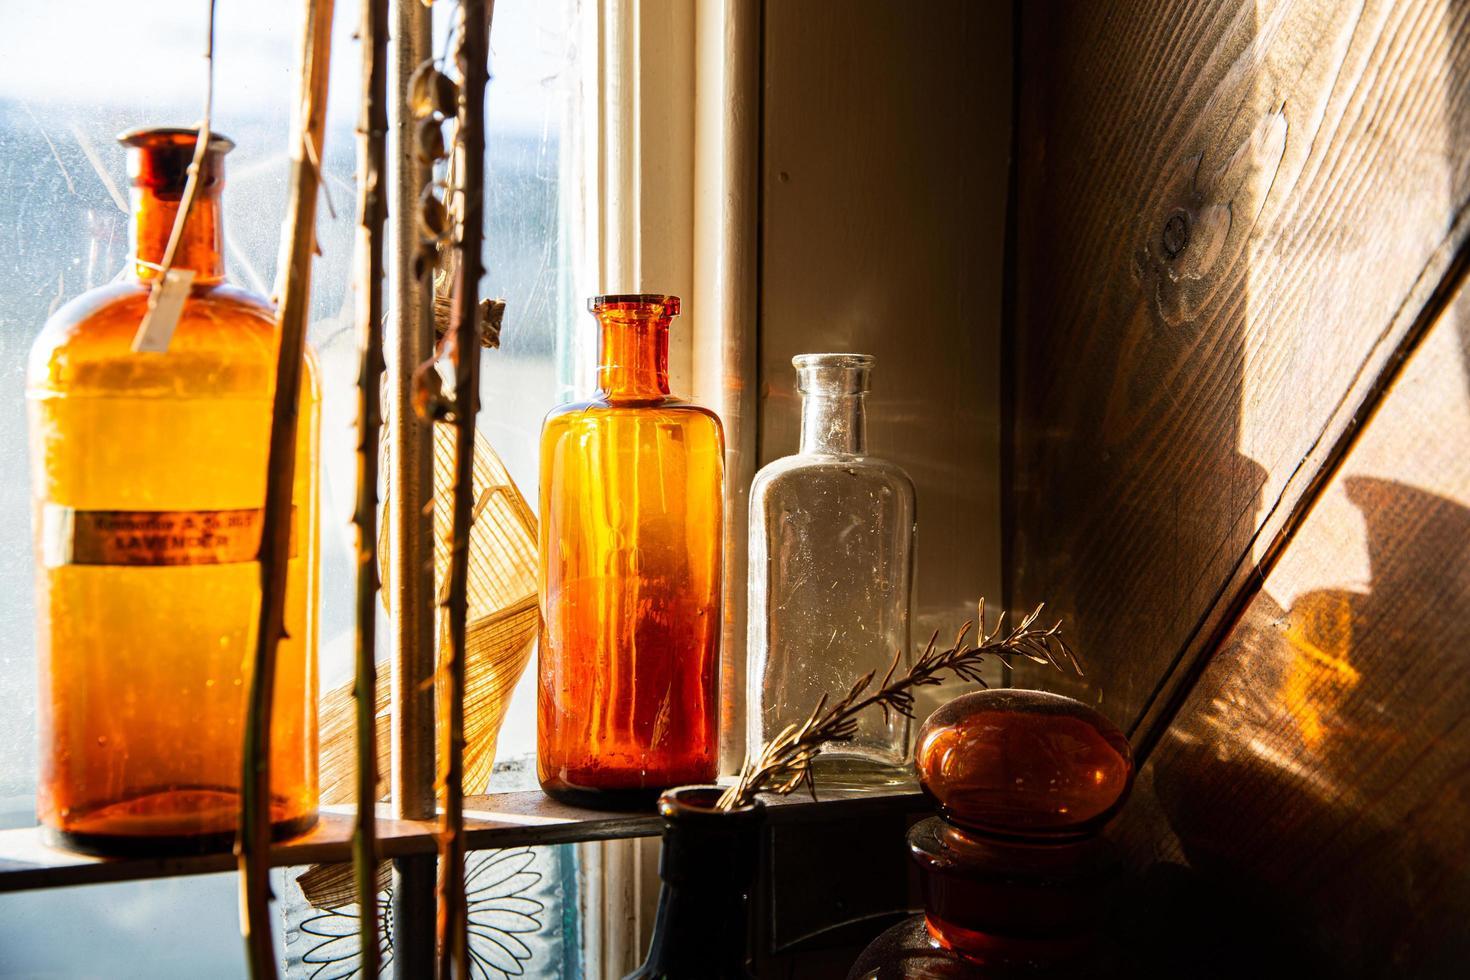 glazen flessen op een plank bij een raam foto